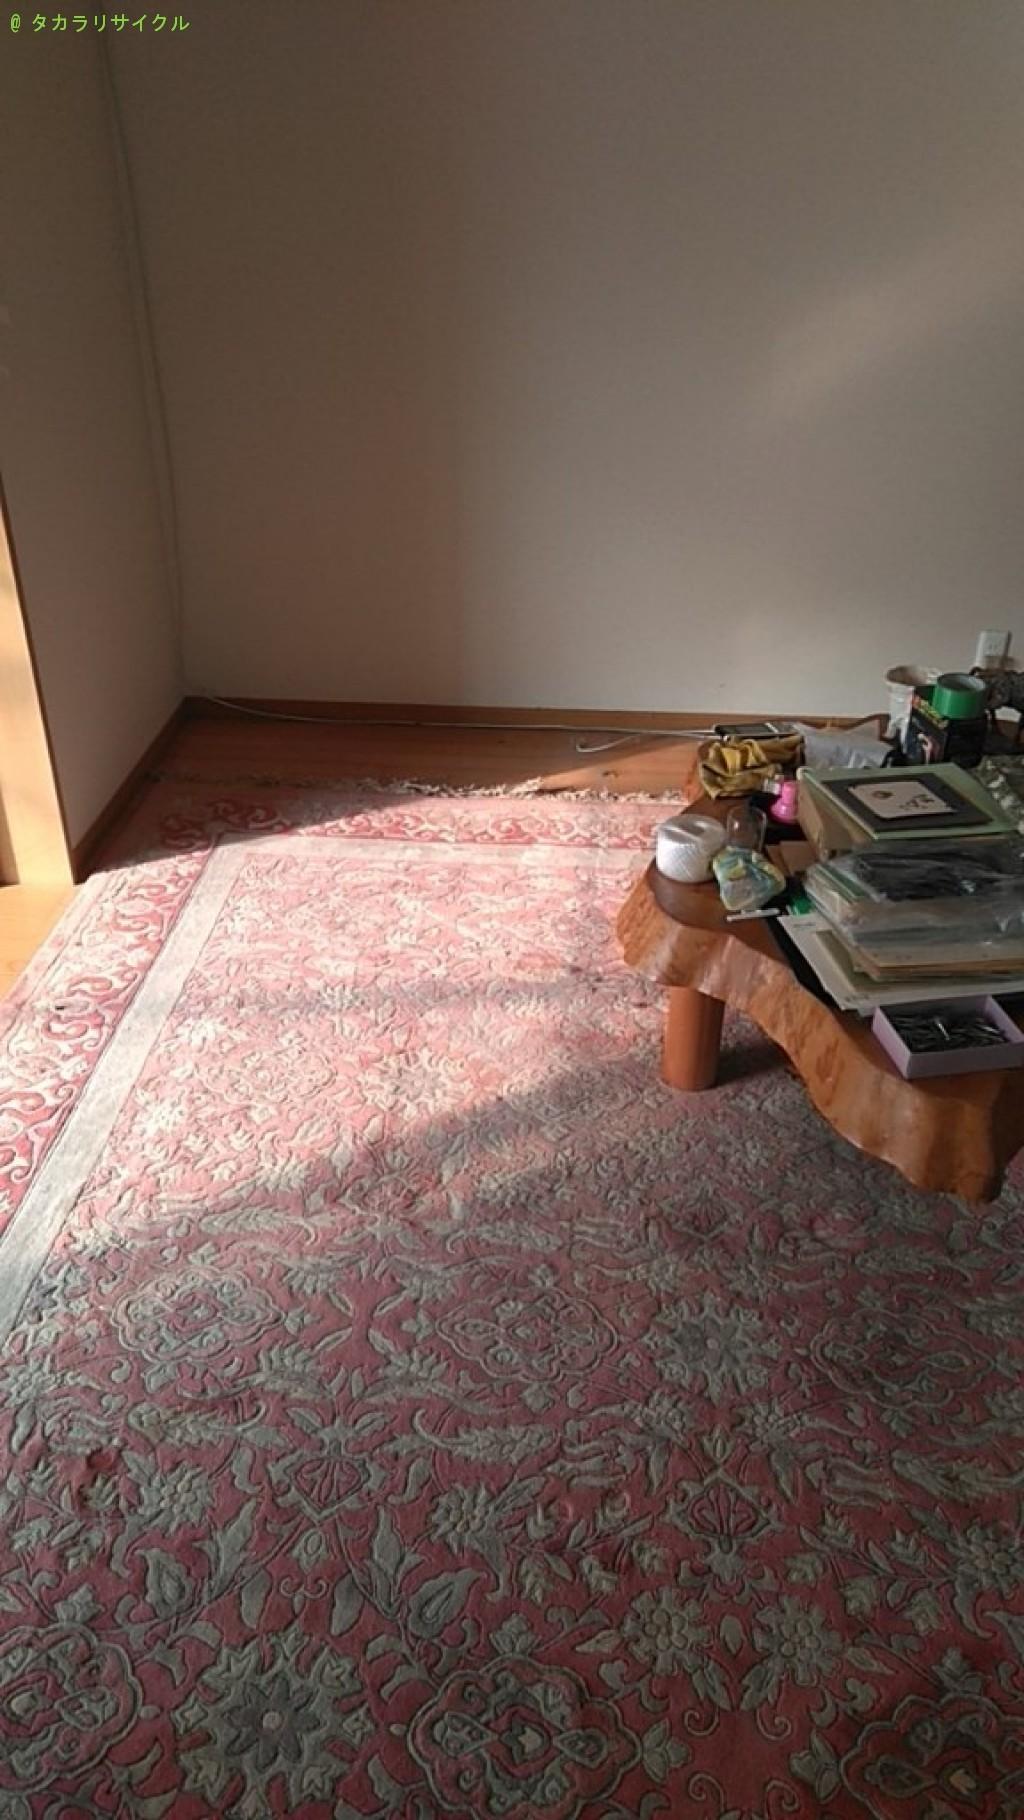 【松山市土居田町】タンス・ソファ・ベッドの回収のご依頼者さま